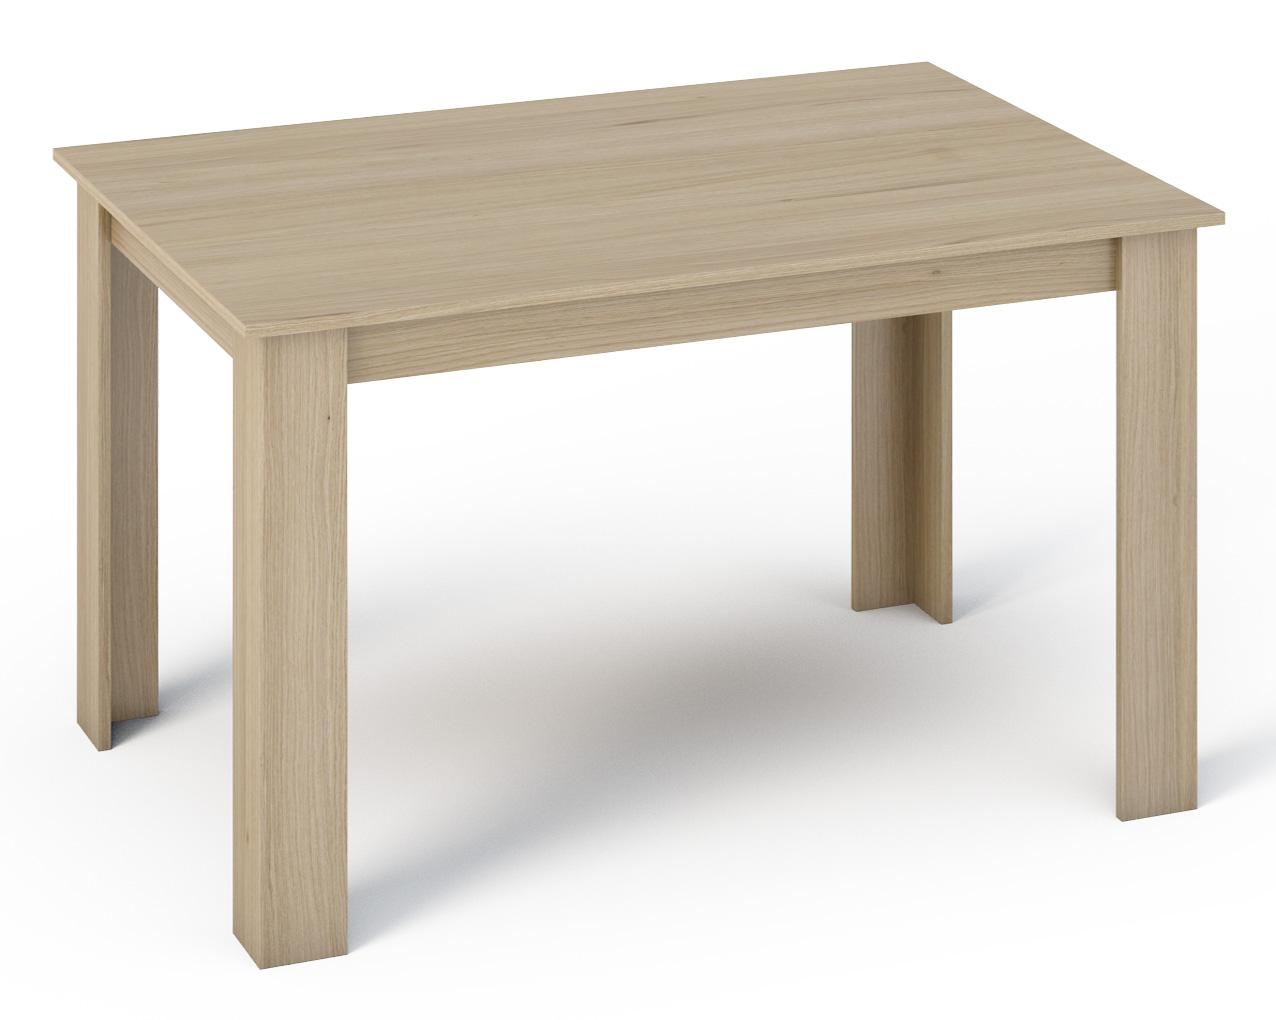 KONGI jedálenský stôl 140, dub sonoma